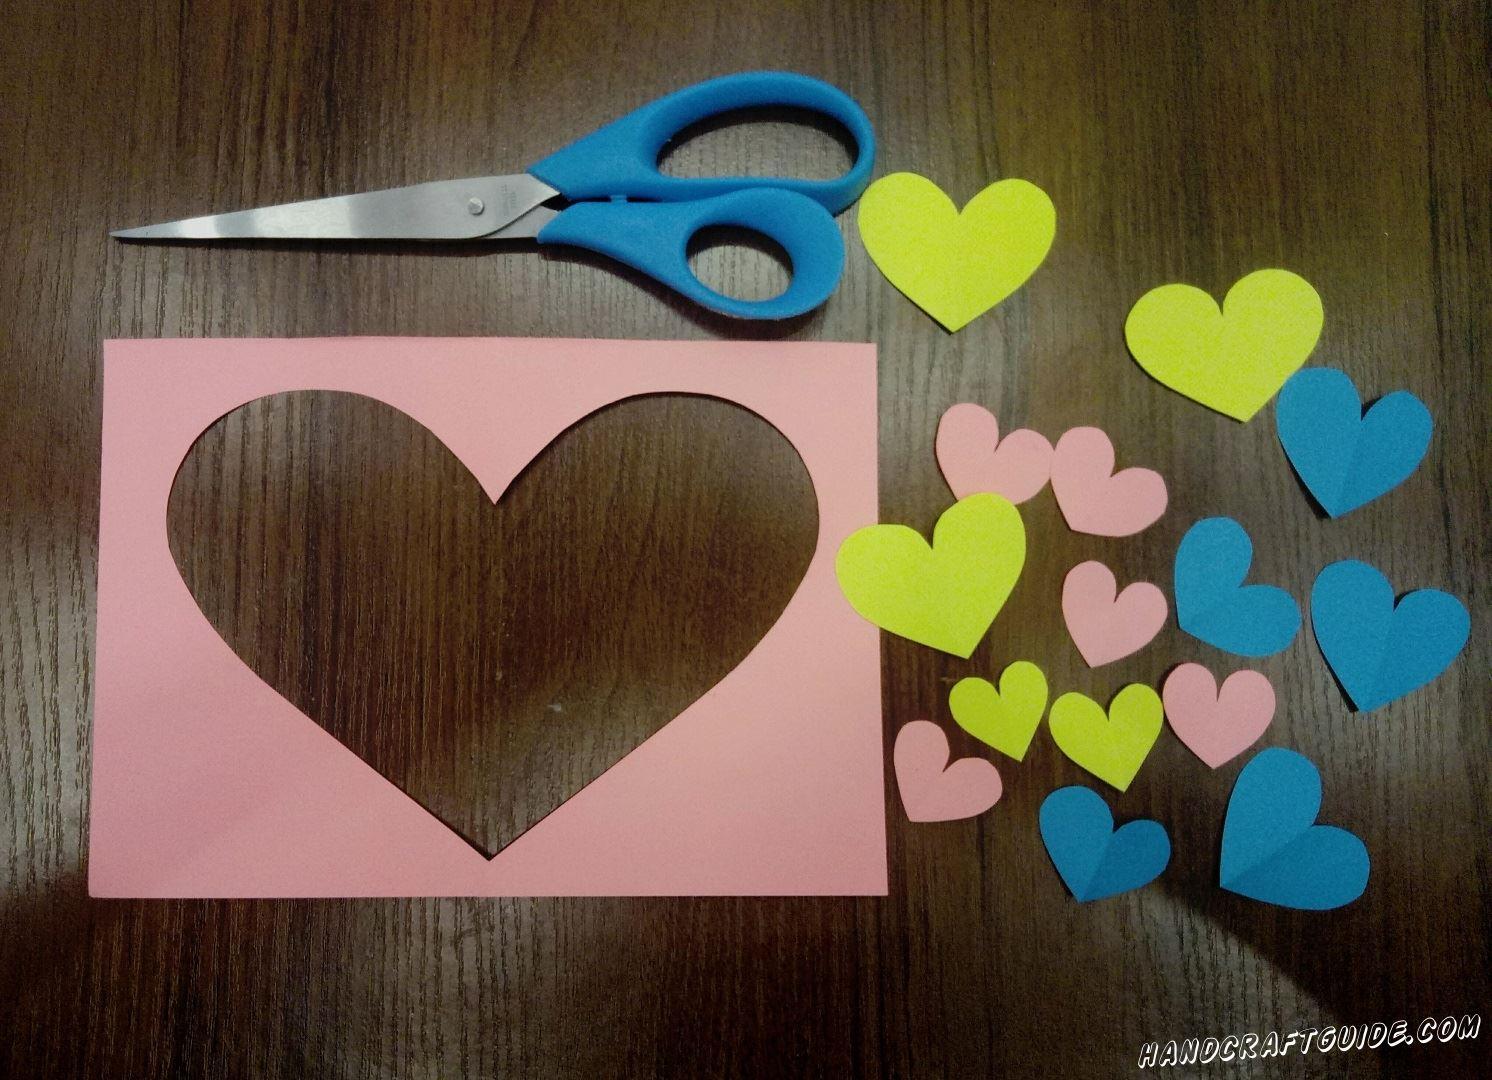 Для начала подготовим все нужные детальки. Берем лист розовой бумаги и складываем его пополам. На сгибе вырезаем детально как половина сердечка. Вырез должен быть почти на всю высоту согнутого листка. Затем вырезаем много сердечек, разного размера и цвета